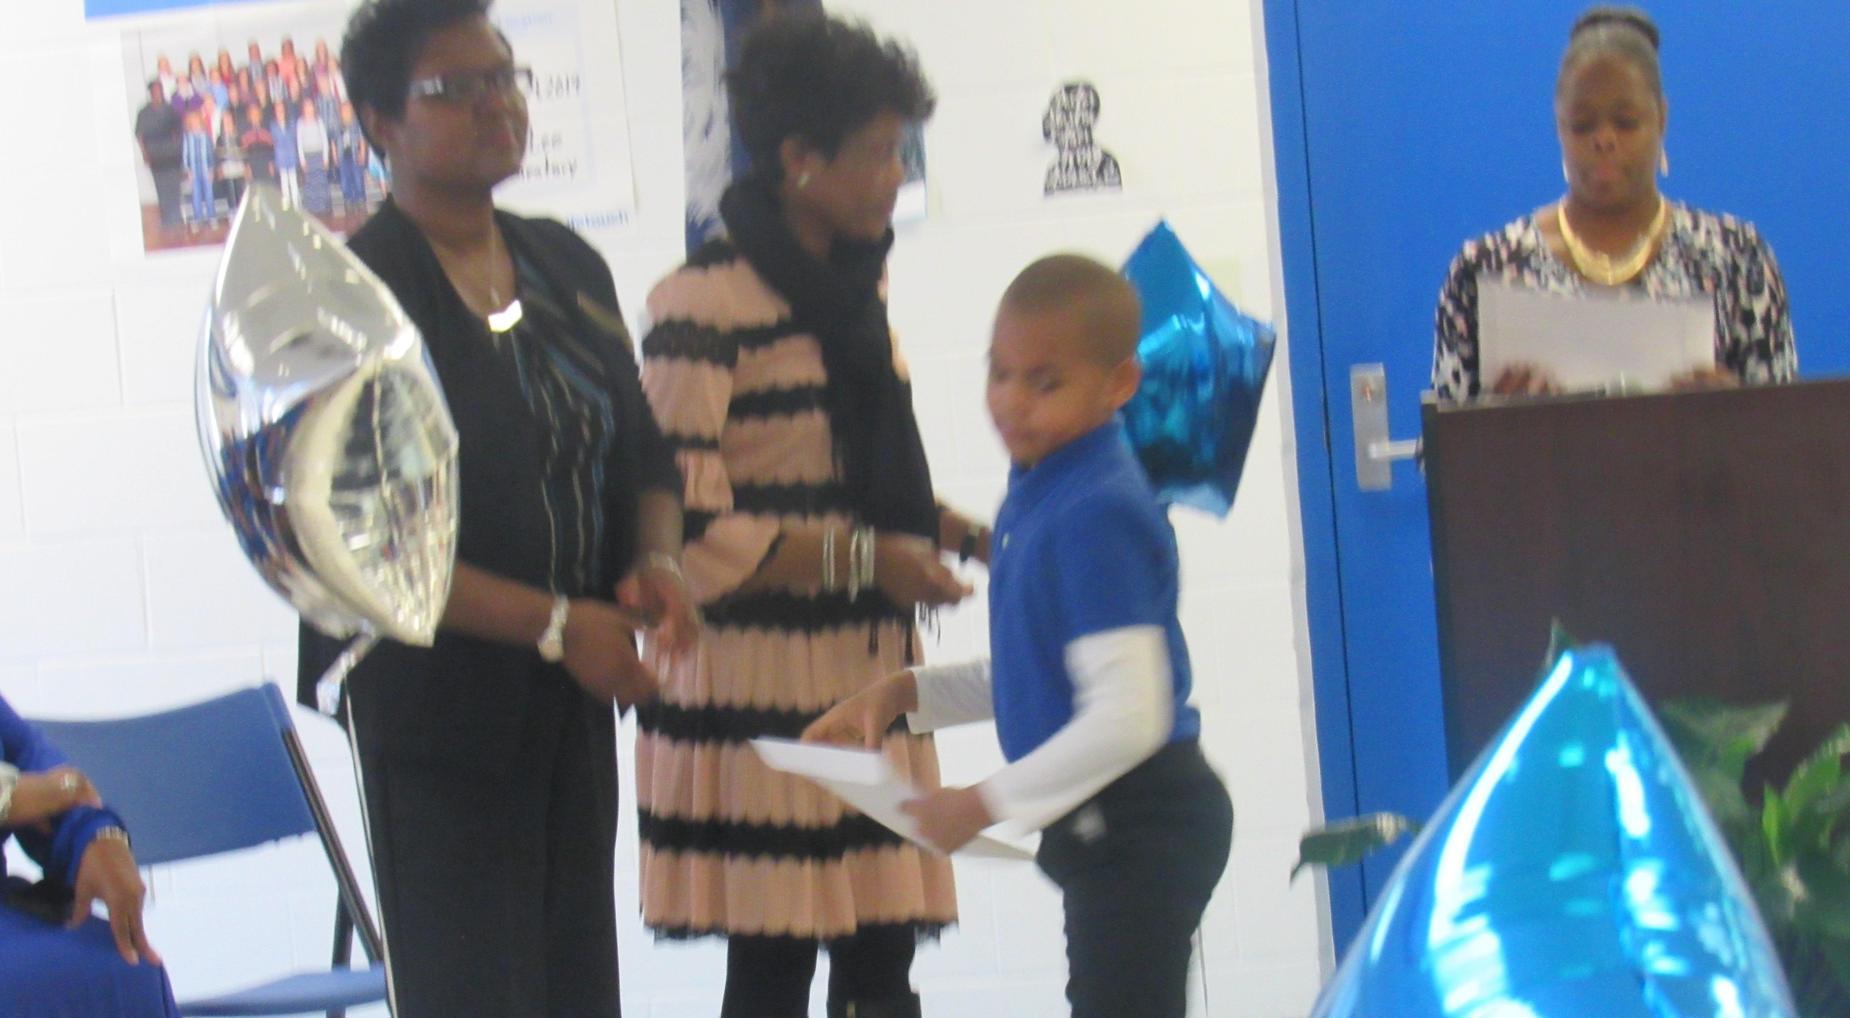 Blue Carpet Awards